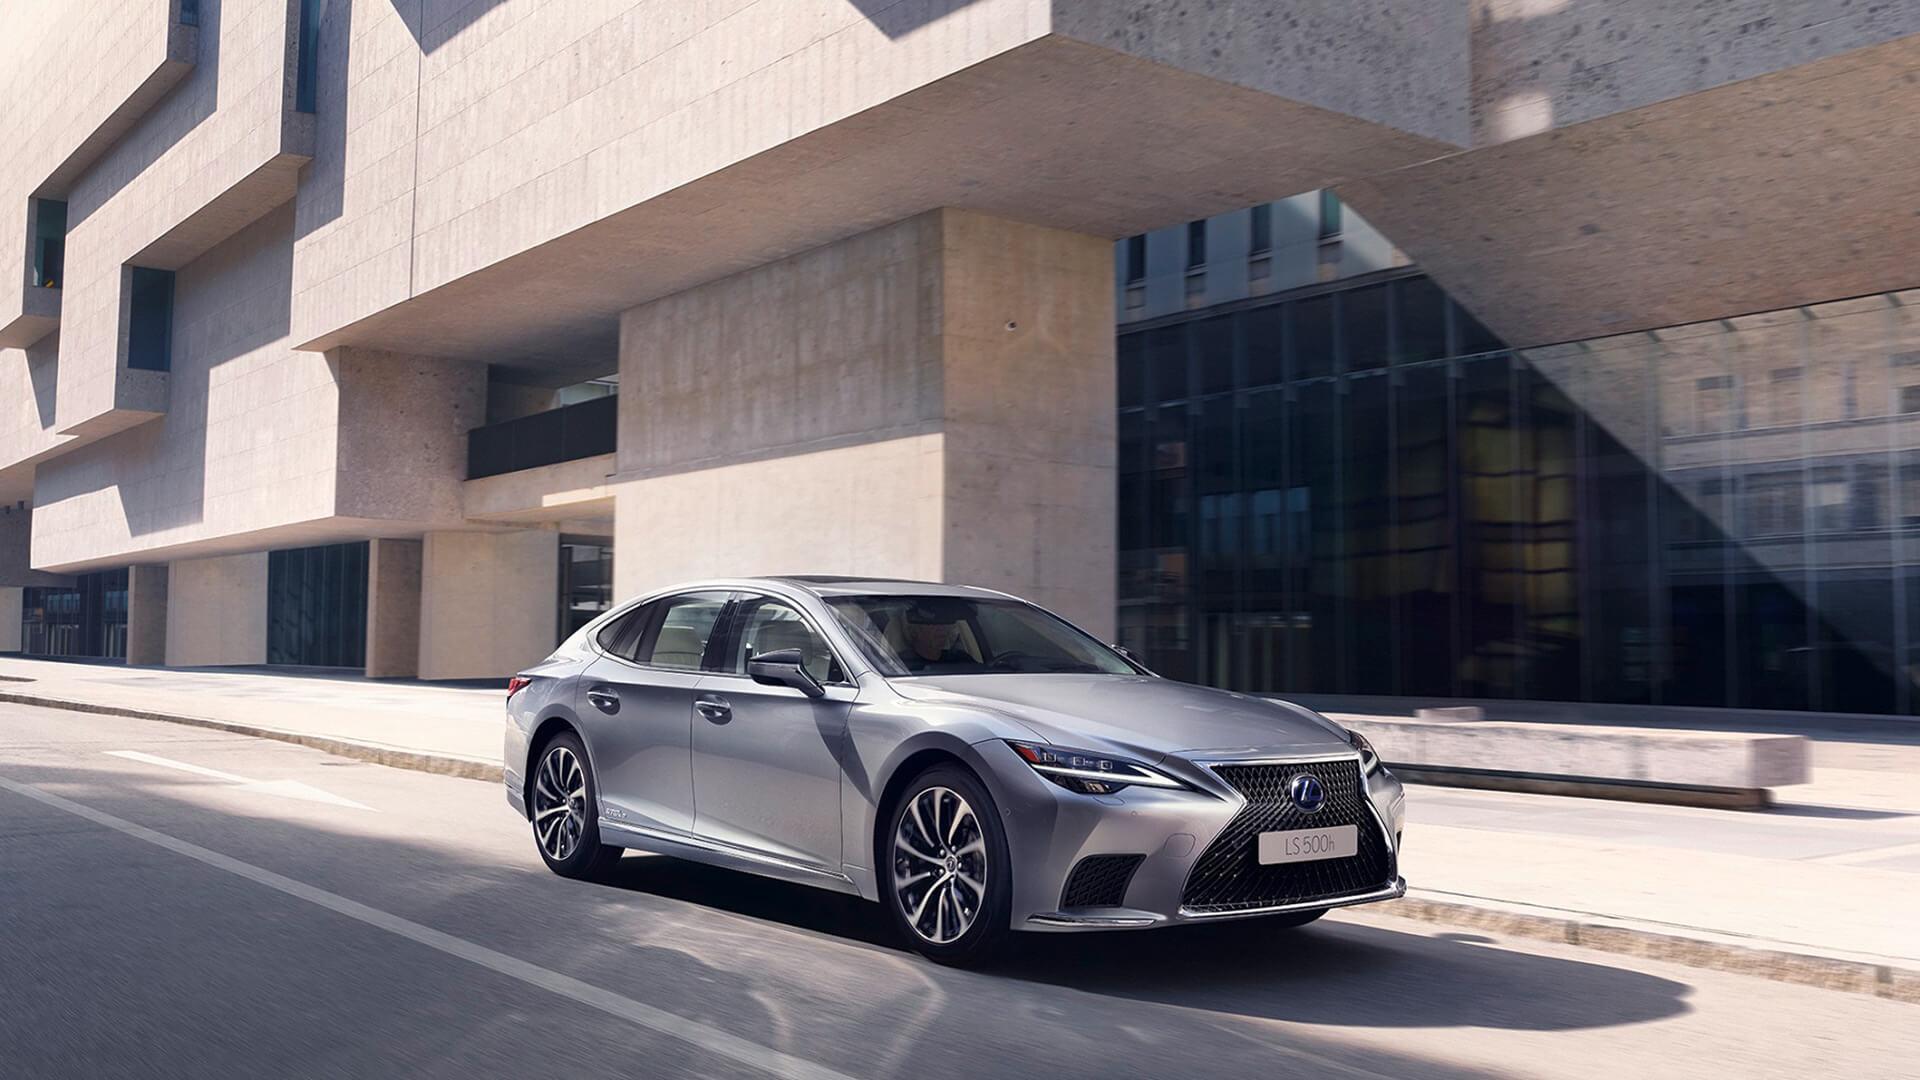 Lexus Autoshow Mobility Fuarı'na Damga Vurdu gallery06